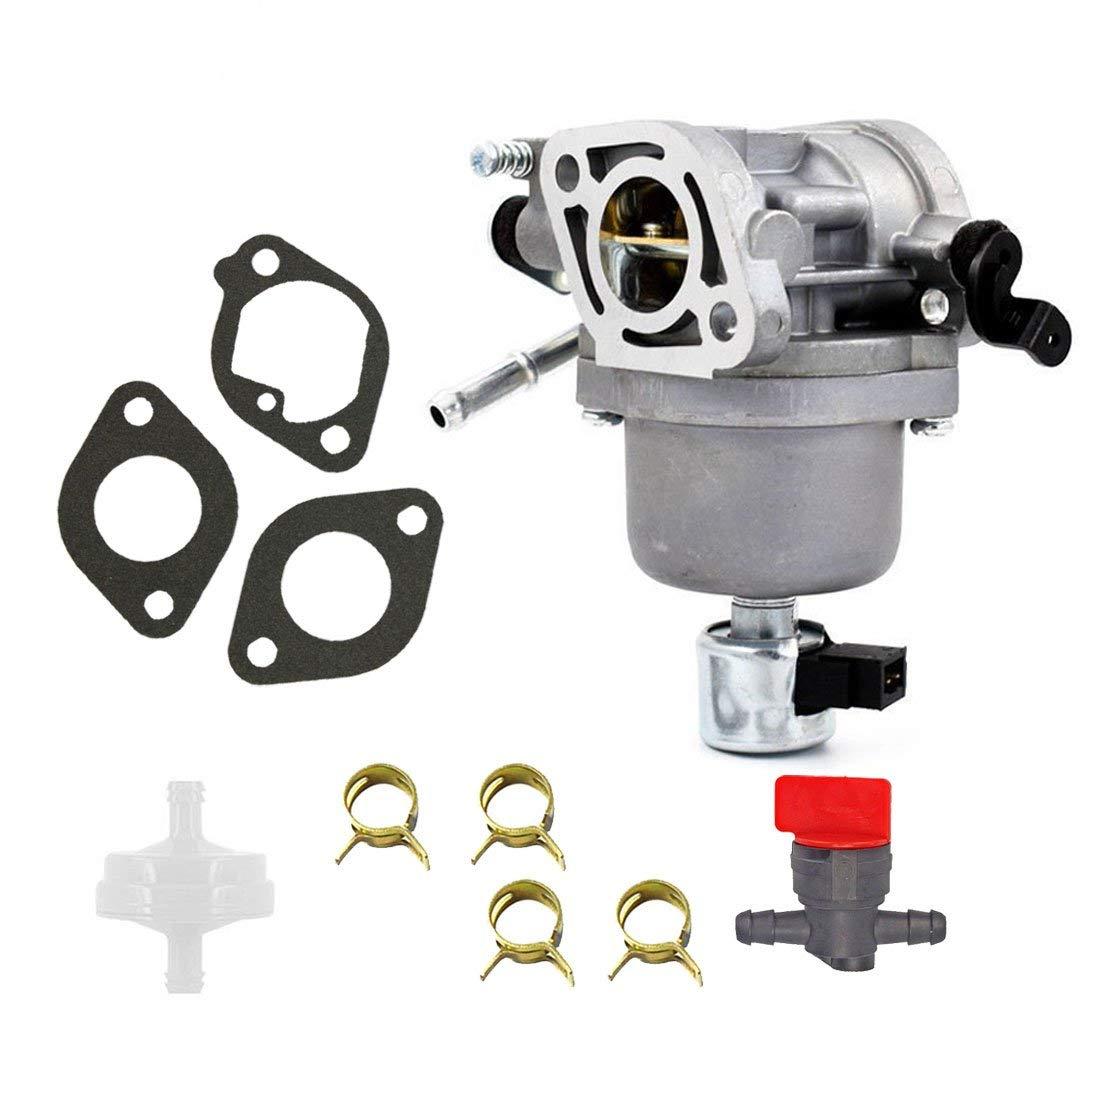 699807 carburateur de moto pour Briggs & Stratton 699807 moteur tracteur avec joints tondeuses à gazon remplacement carburant moto